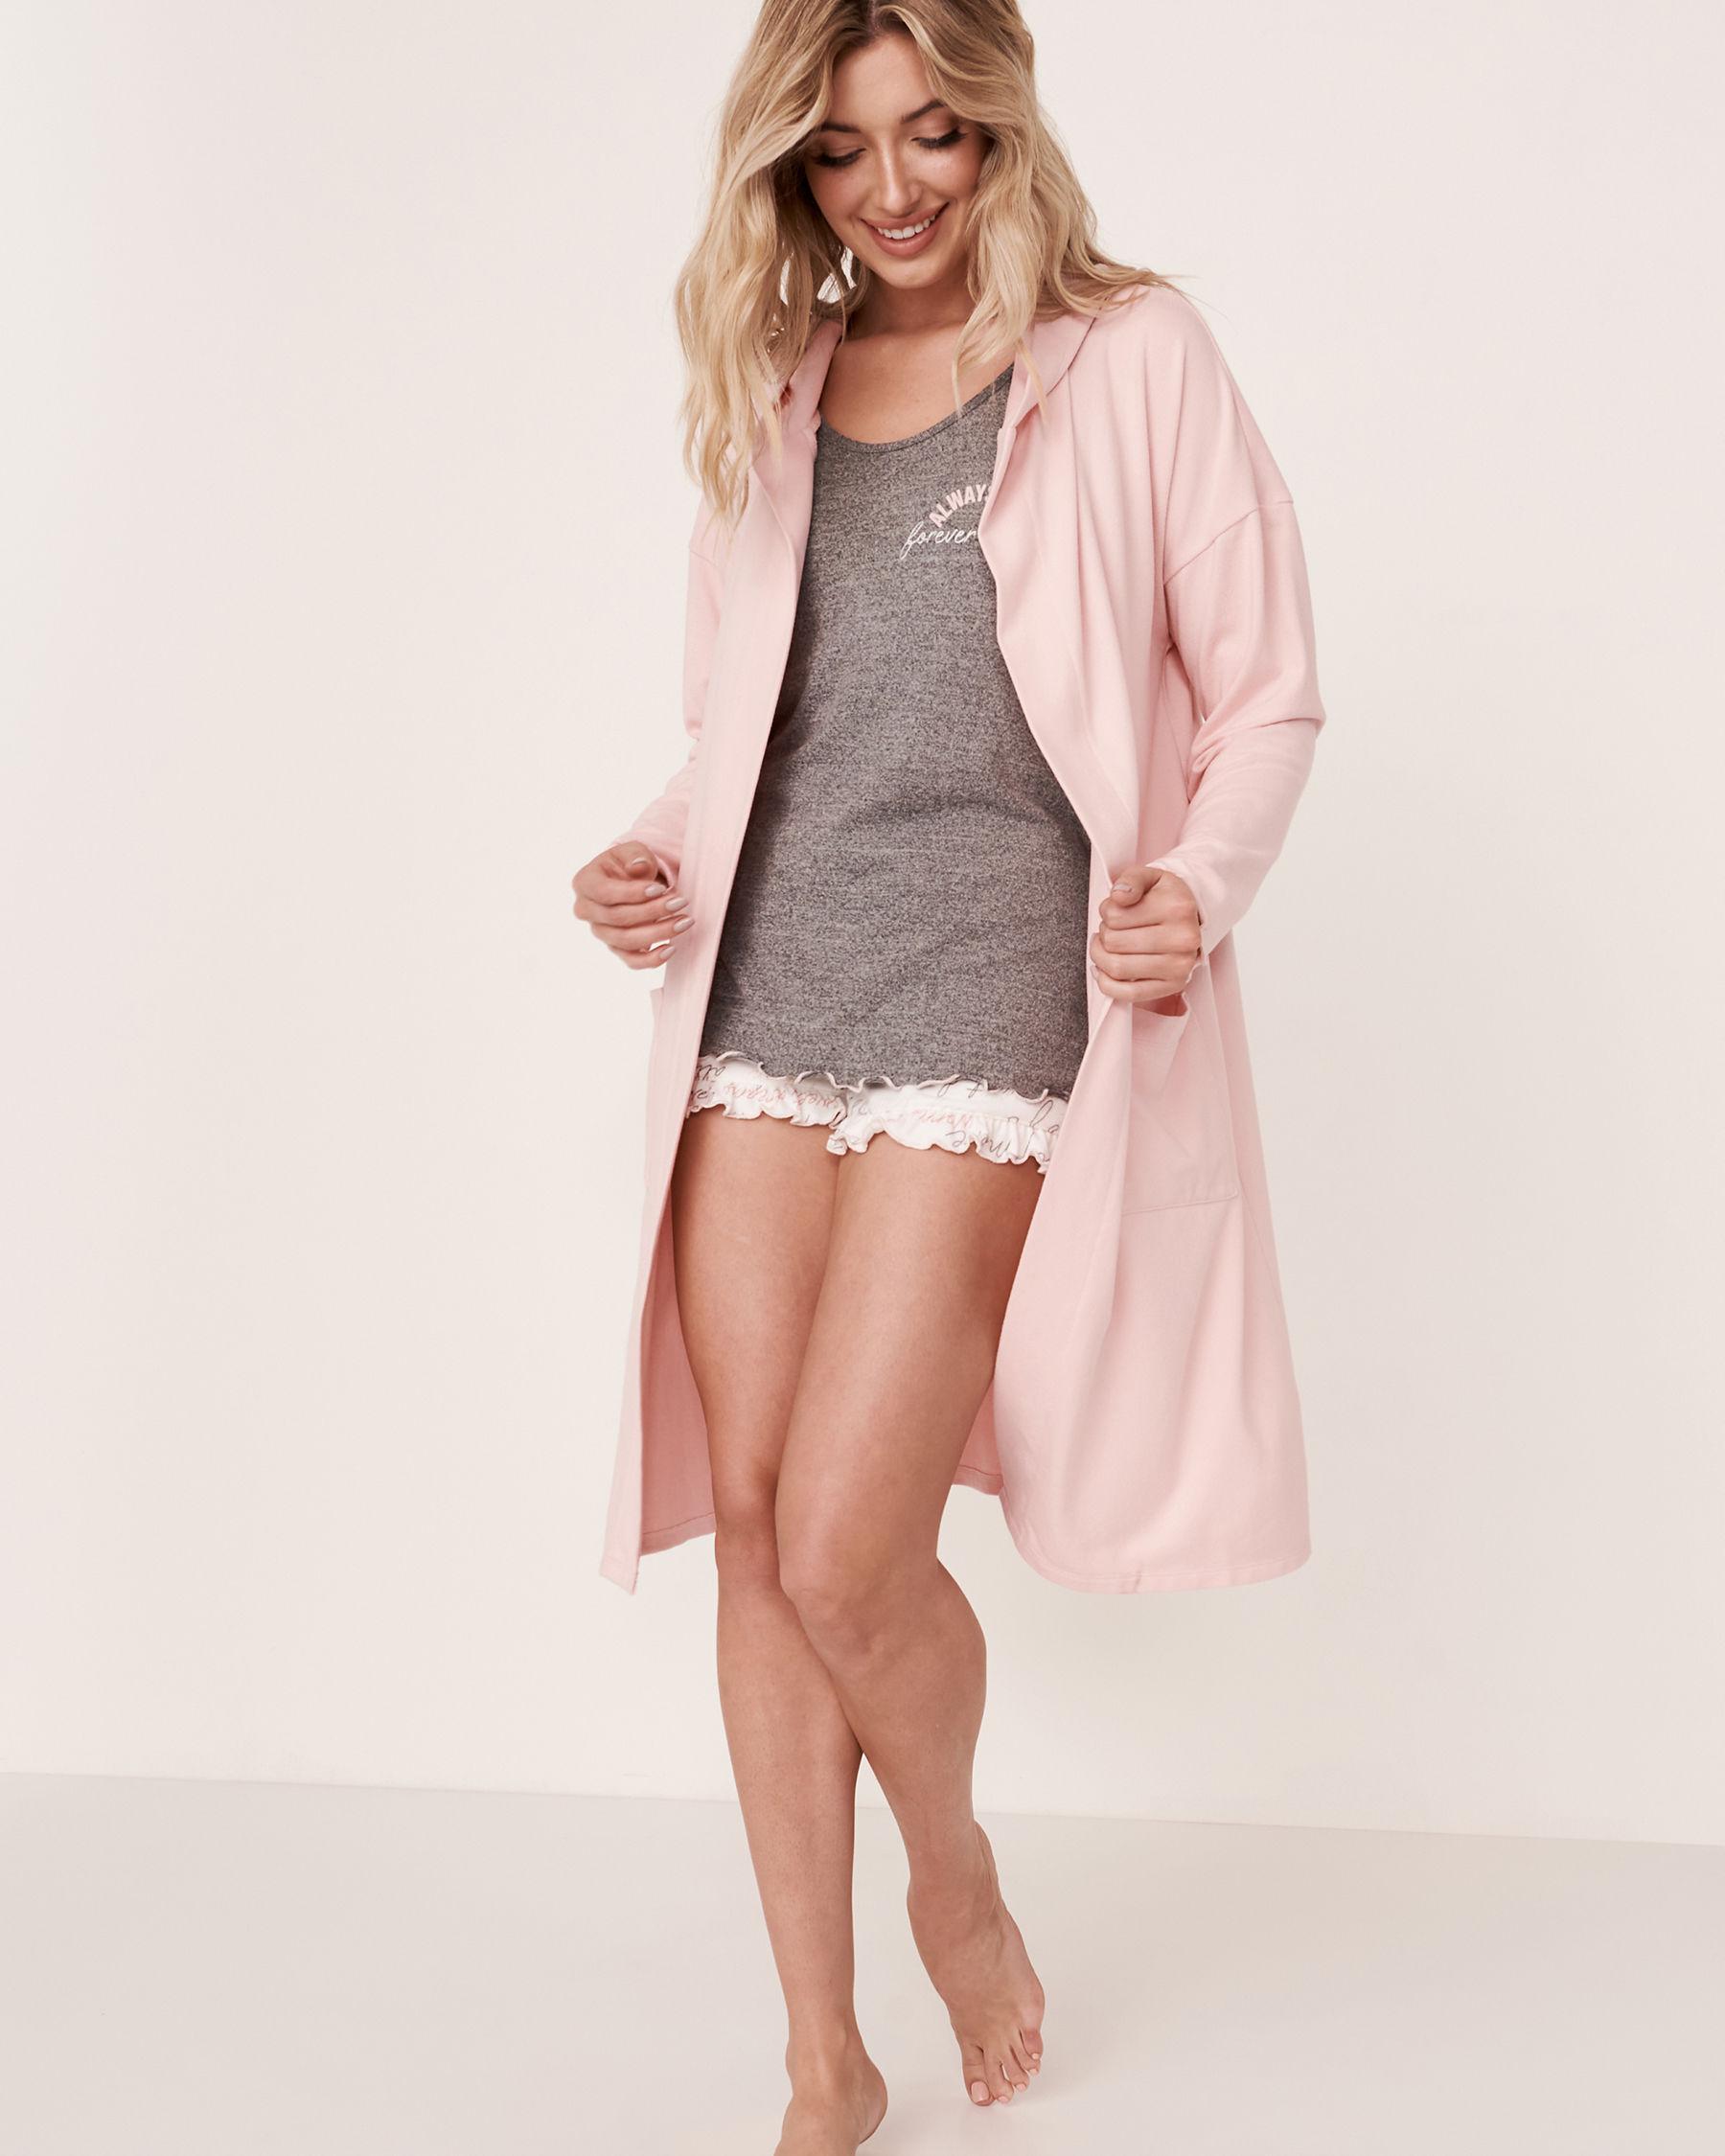 LA VIE EN ROSE Recycled Fibers Hooded Cardigan Light pink 40600024 - View1